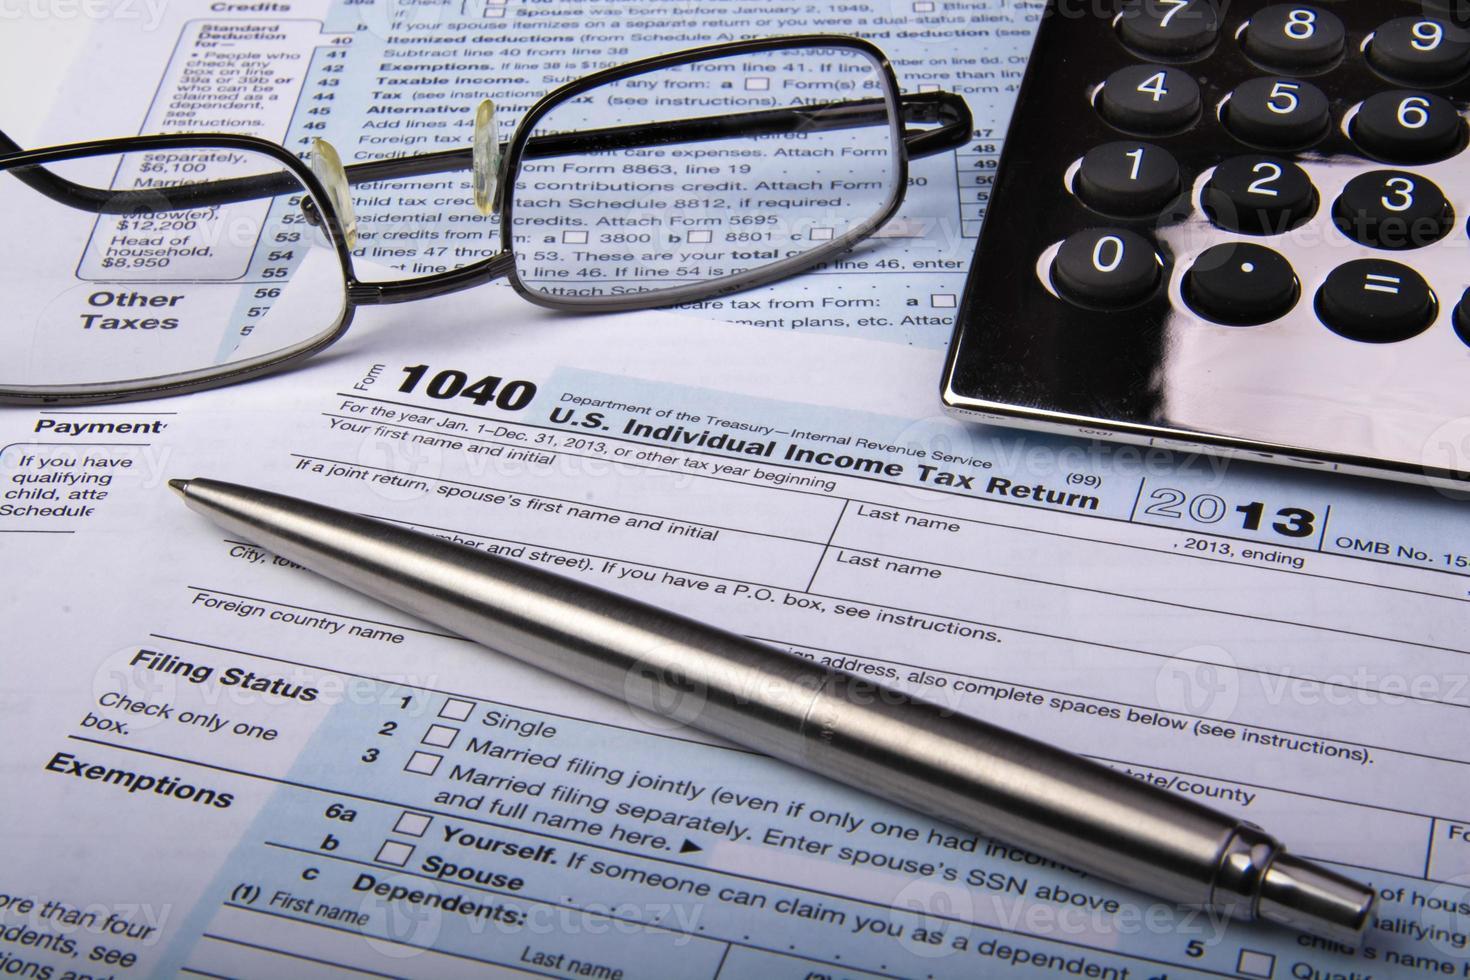 modulo fiscale 1040 foto